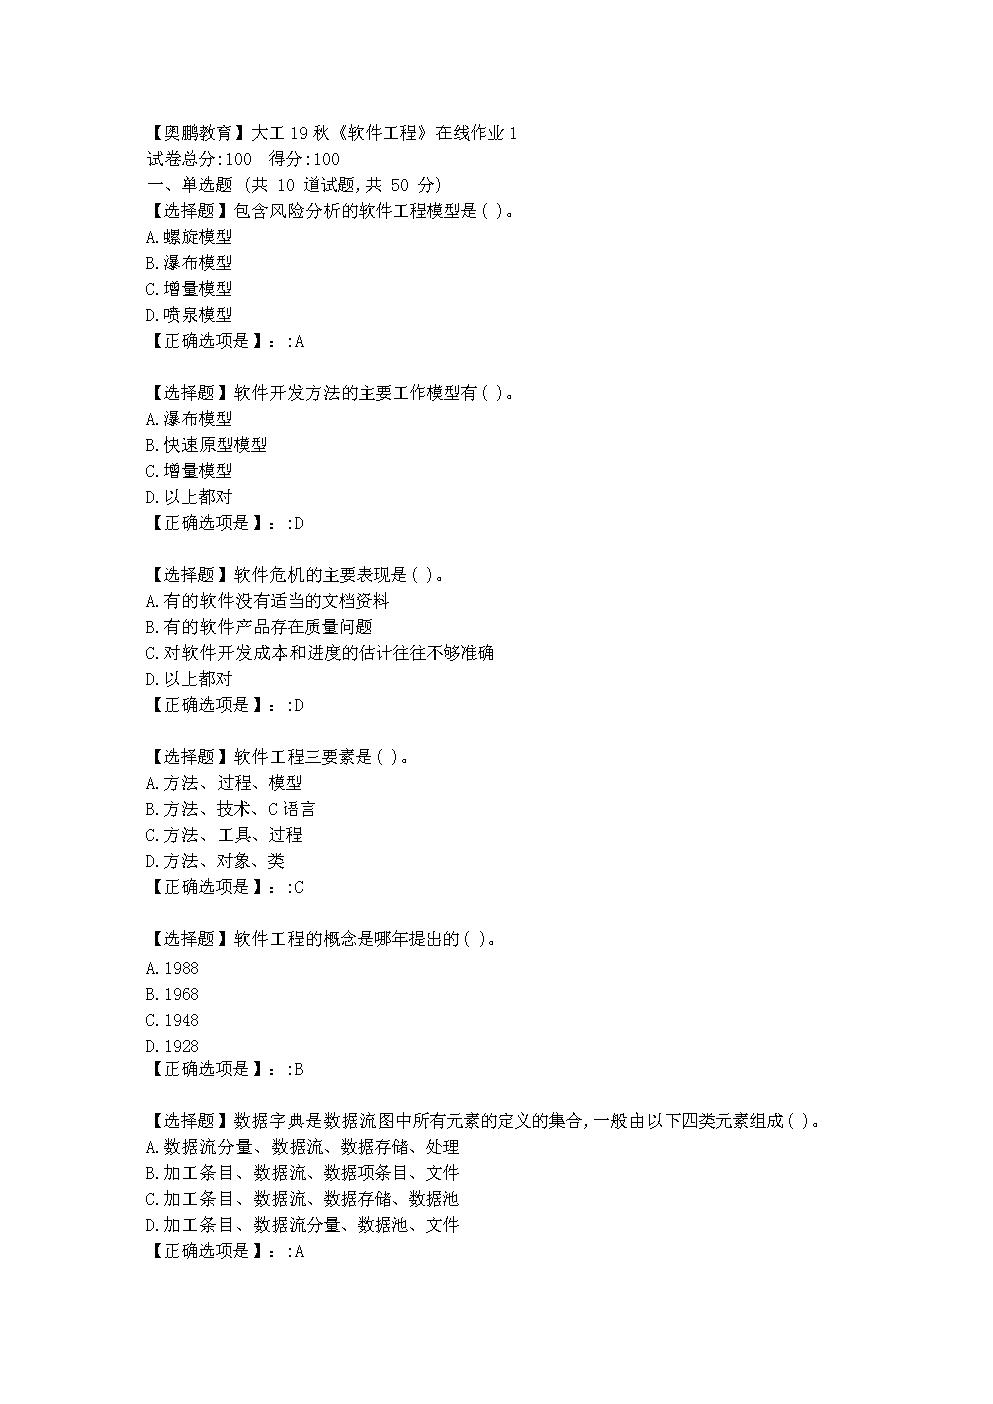 大连理工大学19秋《软件工程》在线作业1学习资料.doc